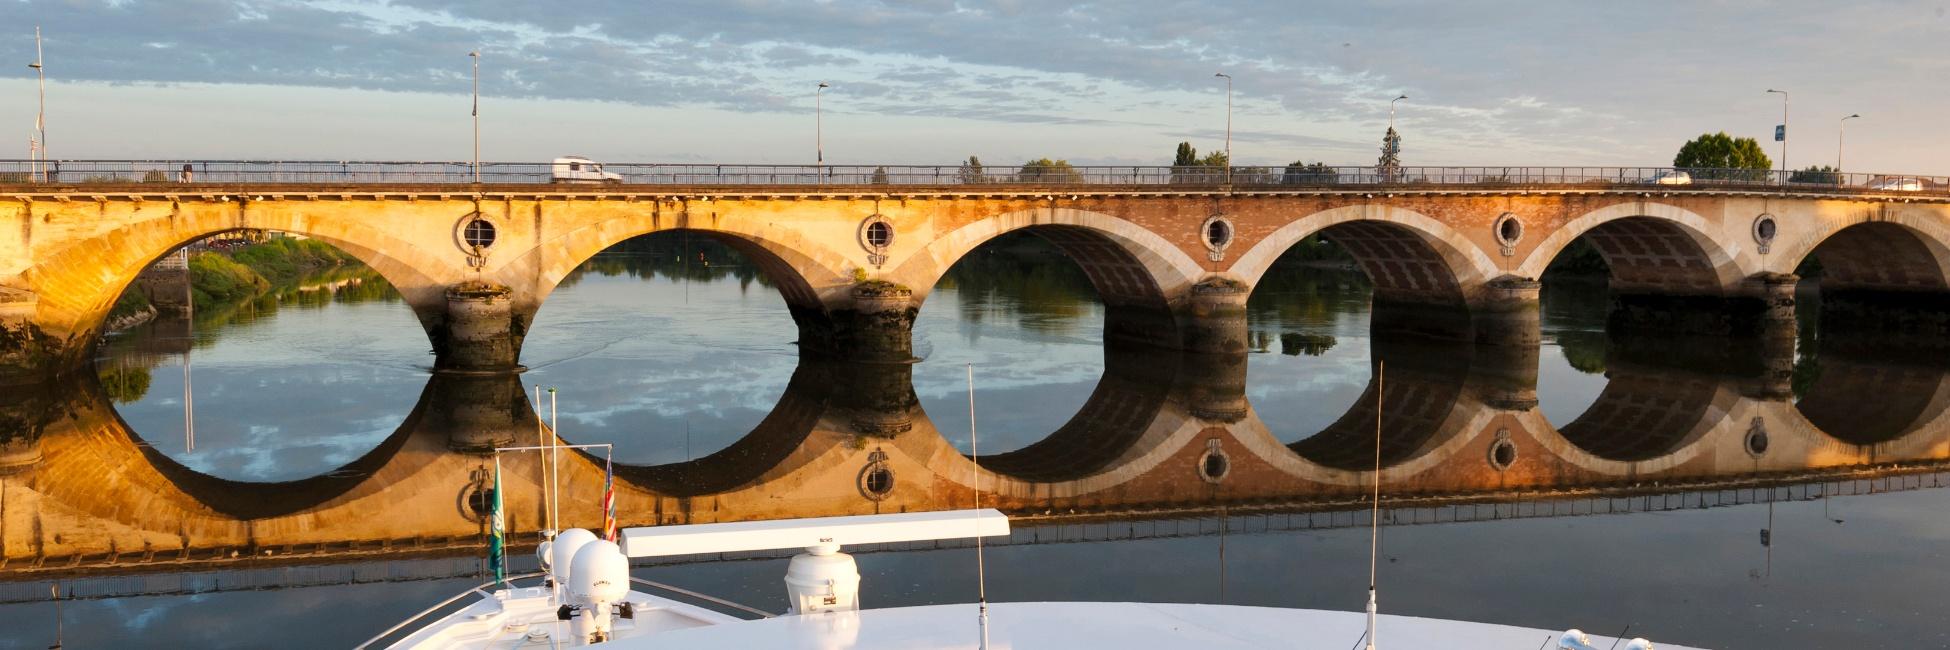 Pont de Libourne en gironde